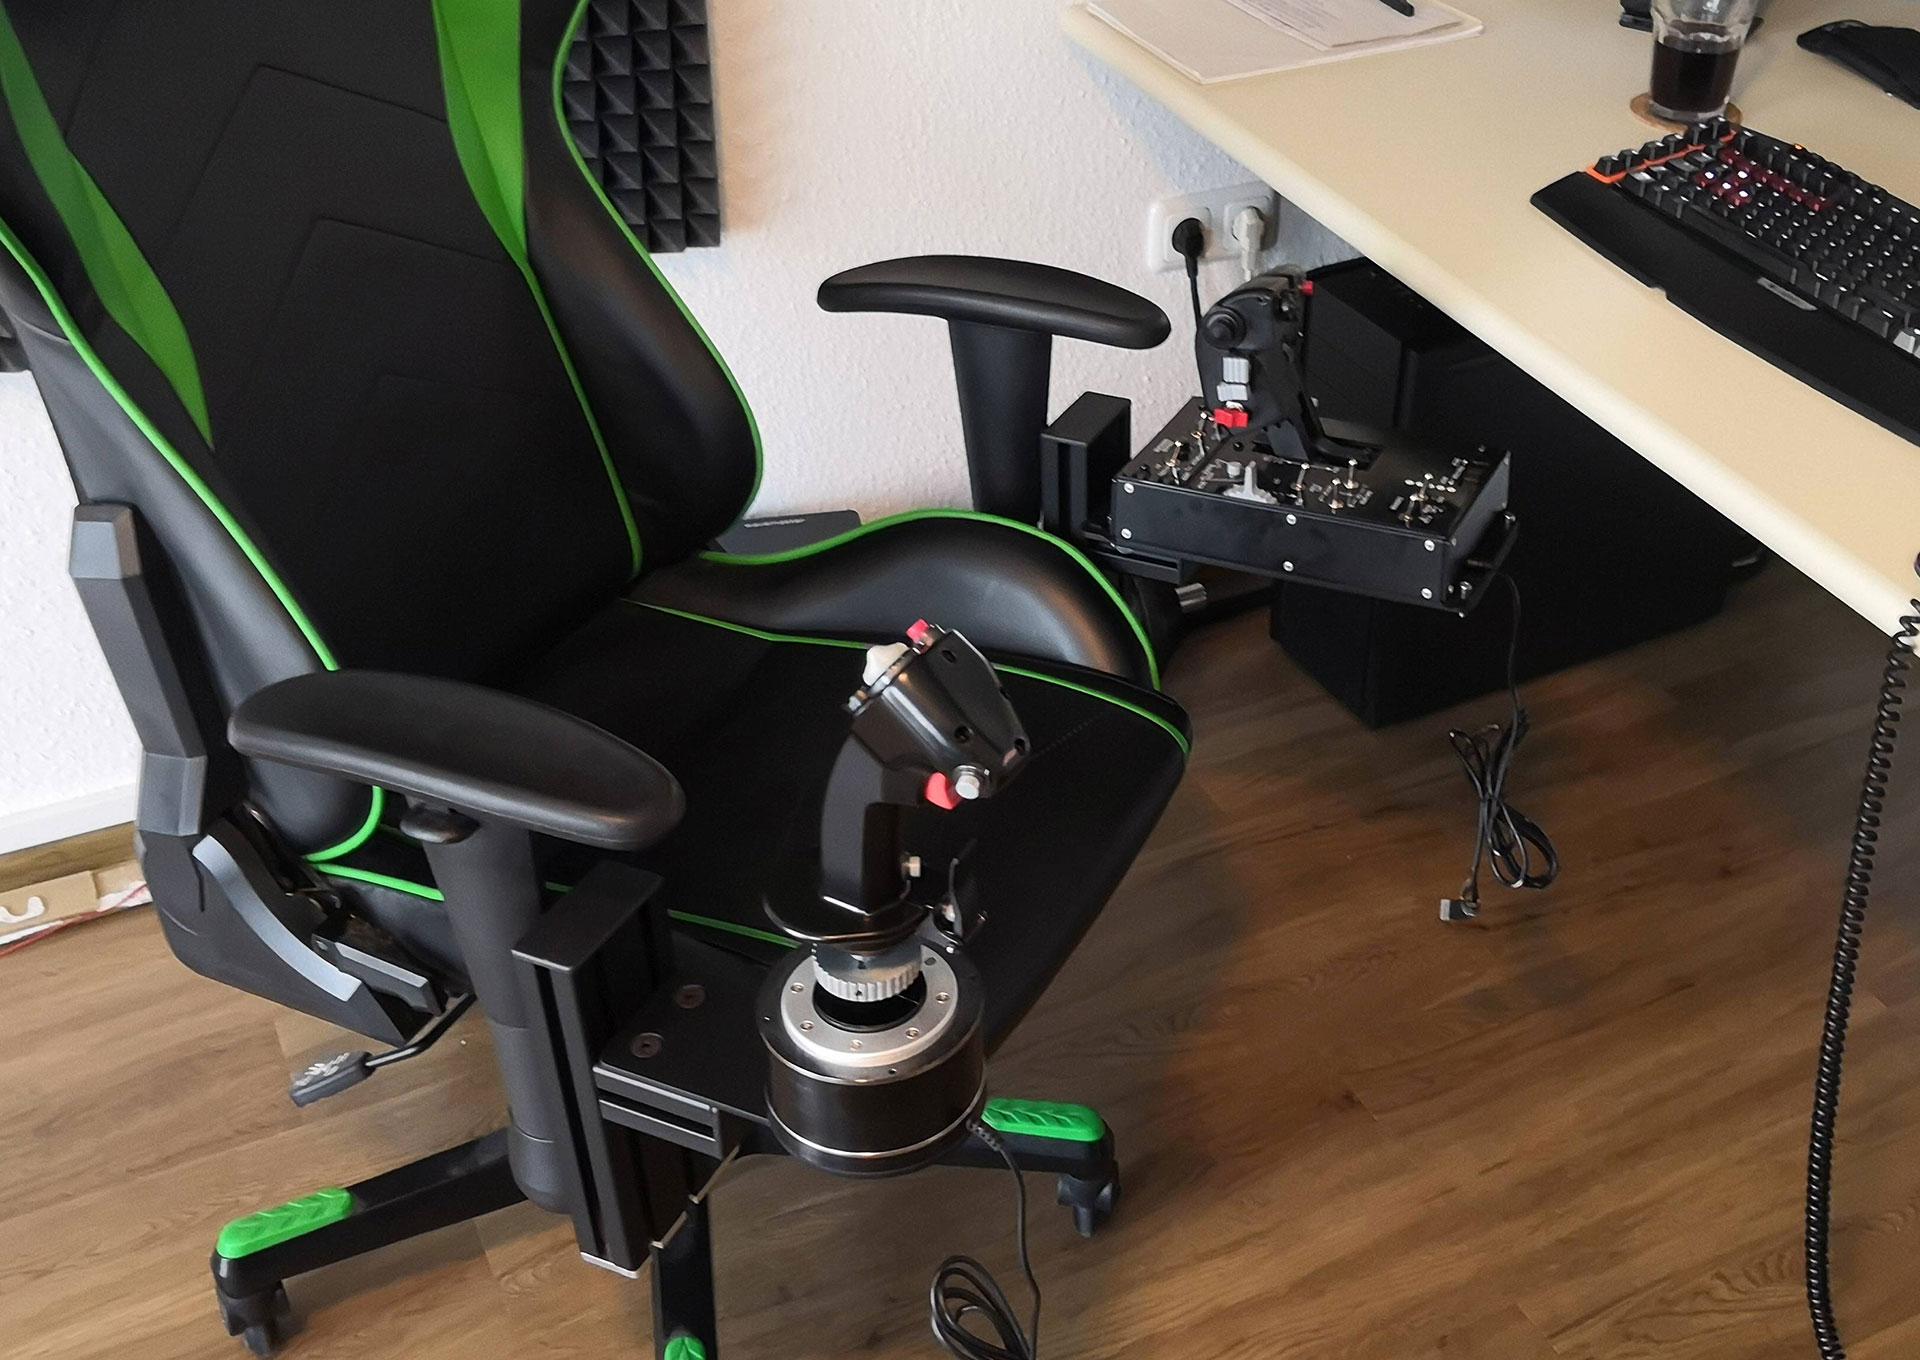 Joystick Hotas Chair Mount Monstertech